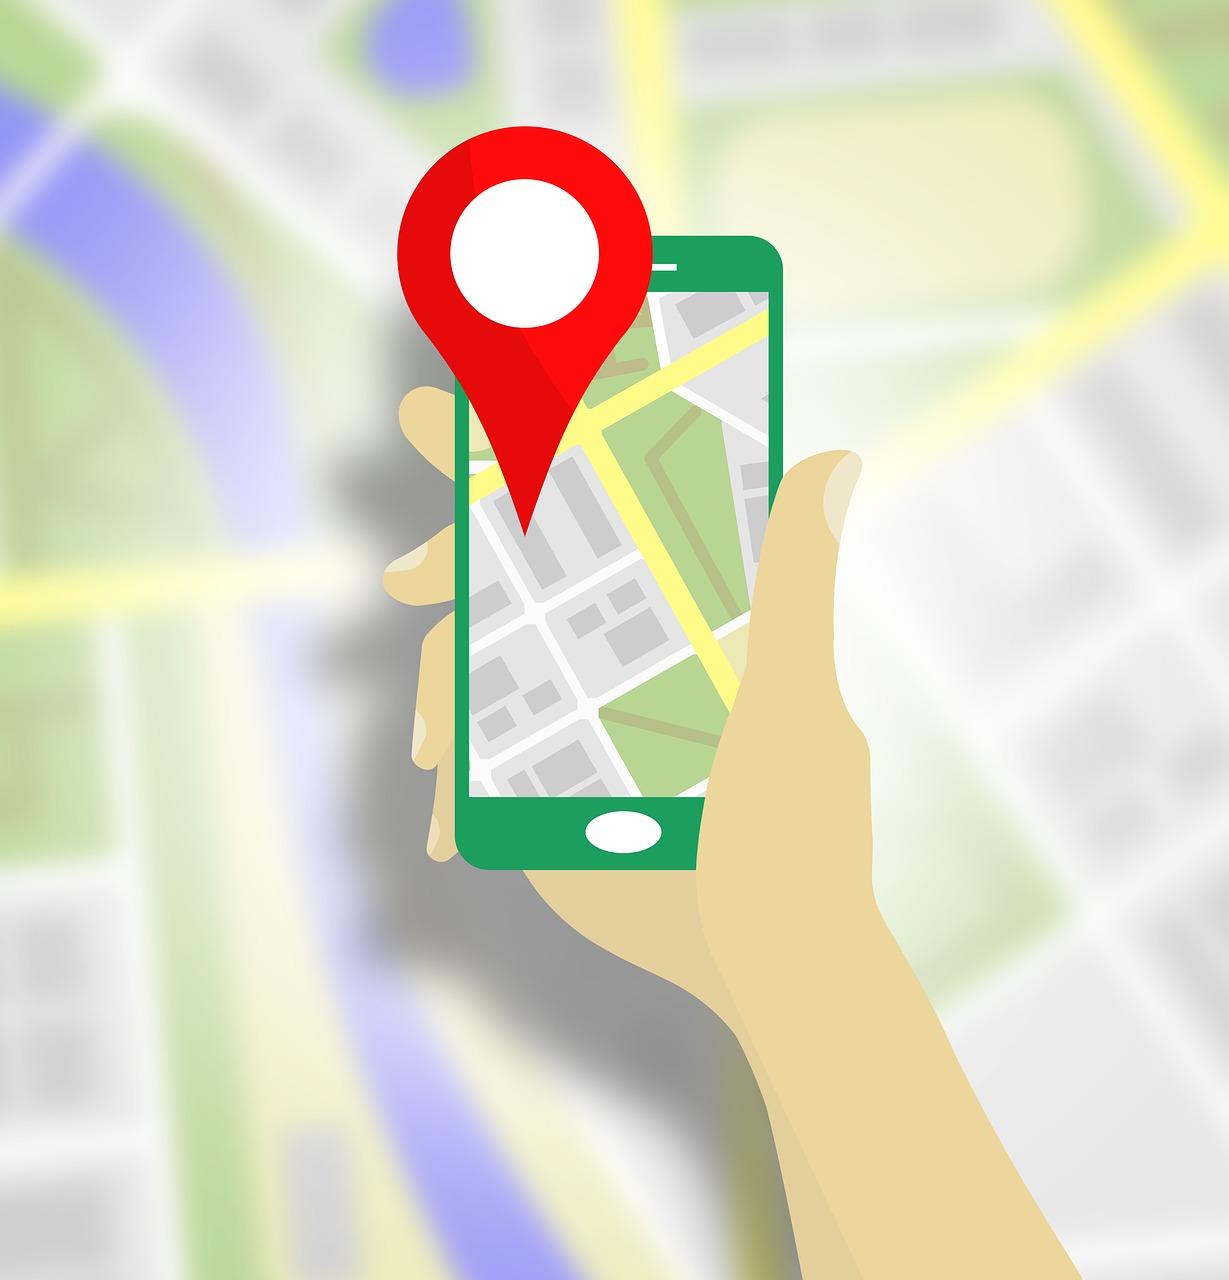 Afișați-vă locația în timp real altor persoane - Android - Hărţi Google Ajutor